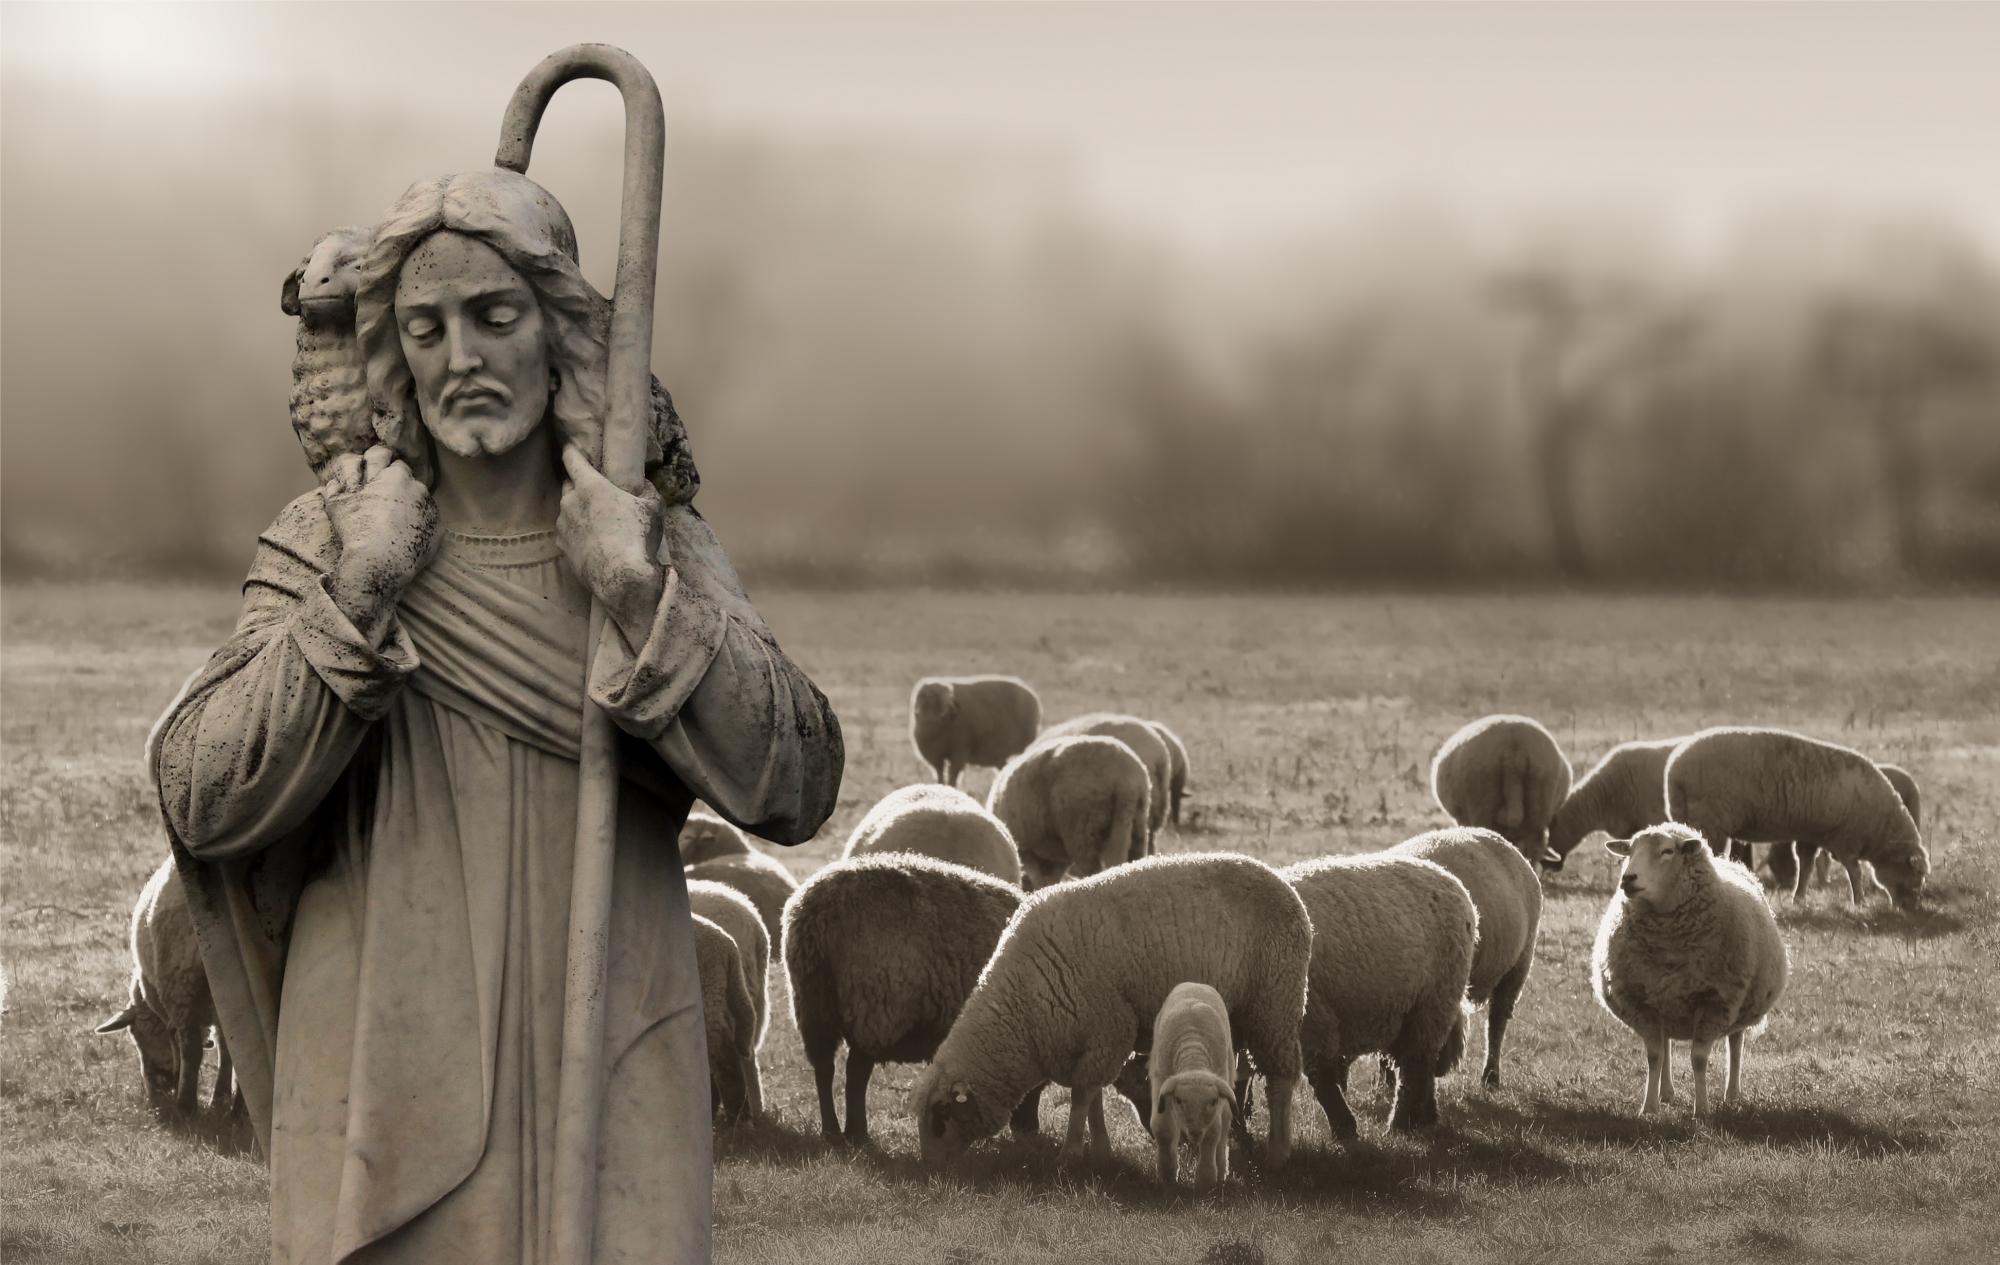 Как мусульмане относятся к Иисусу?